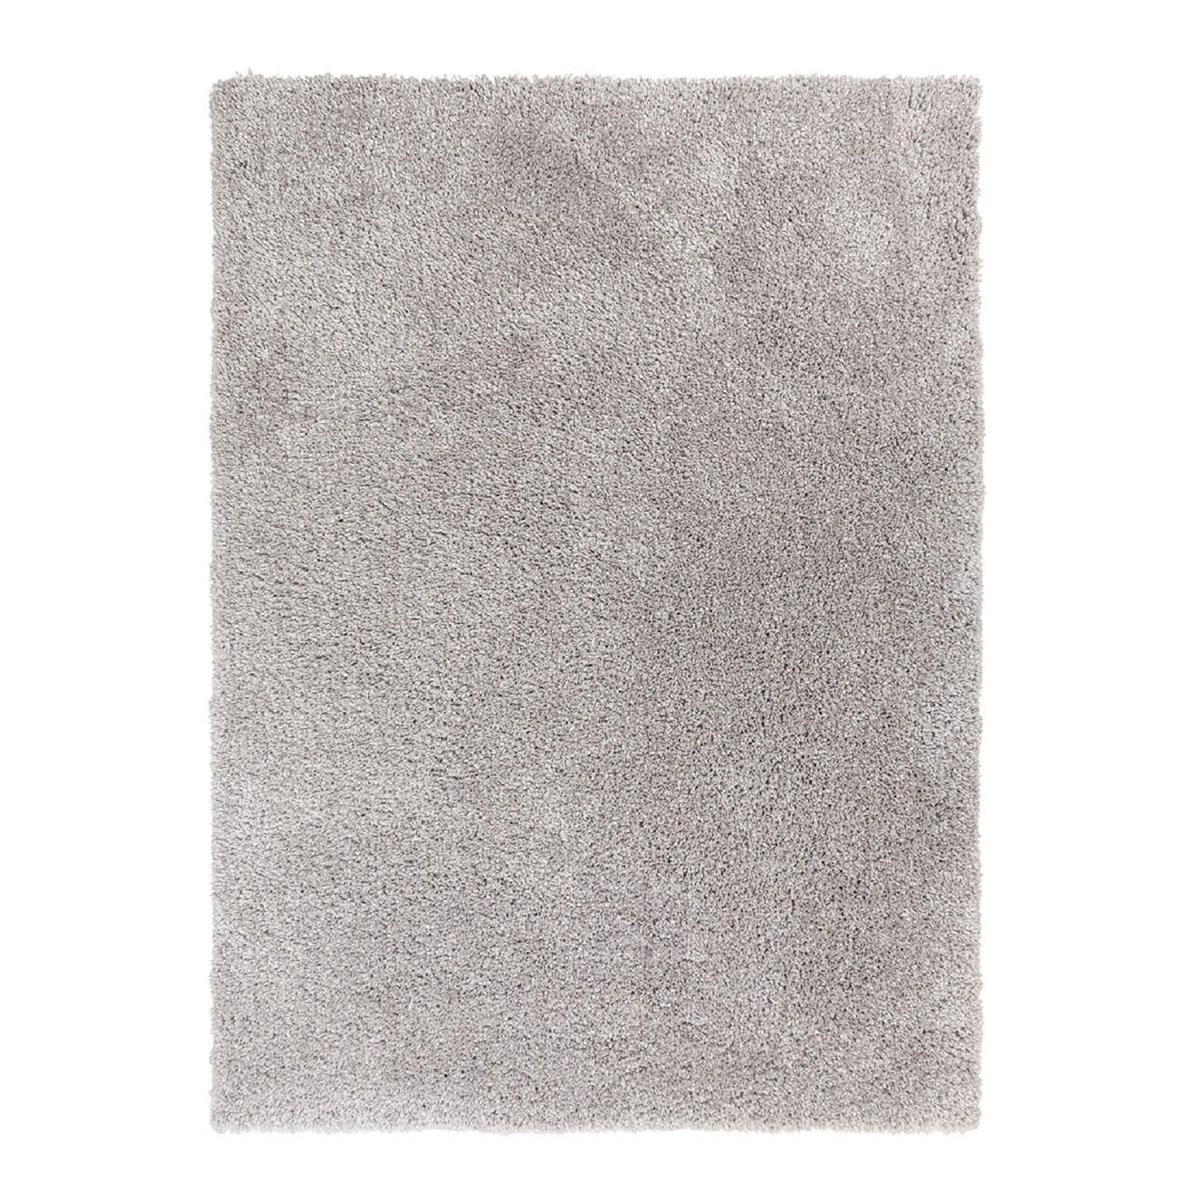 Tapis shaggy en Polyester Argent 120x170 cm